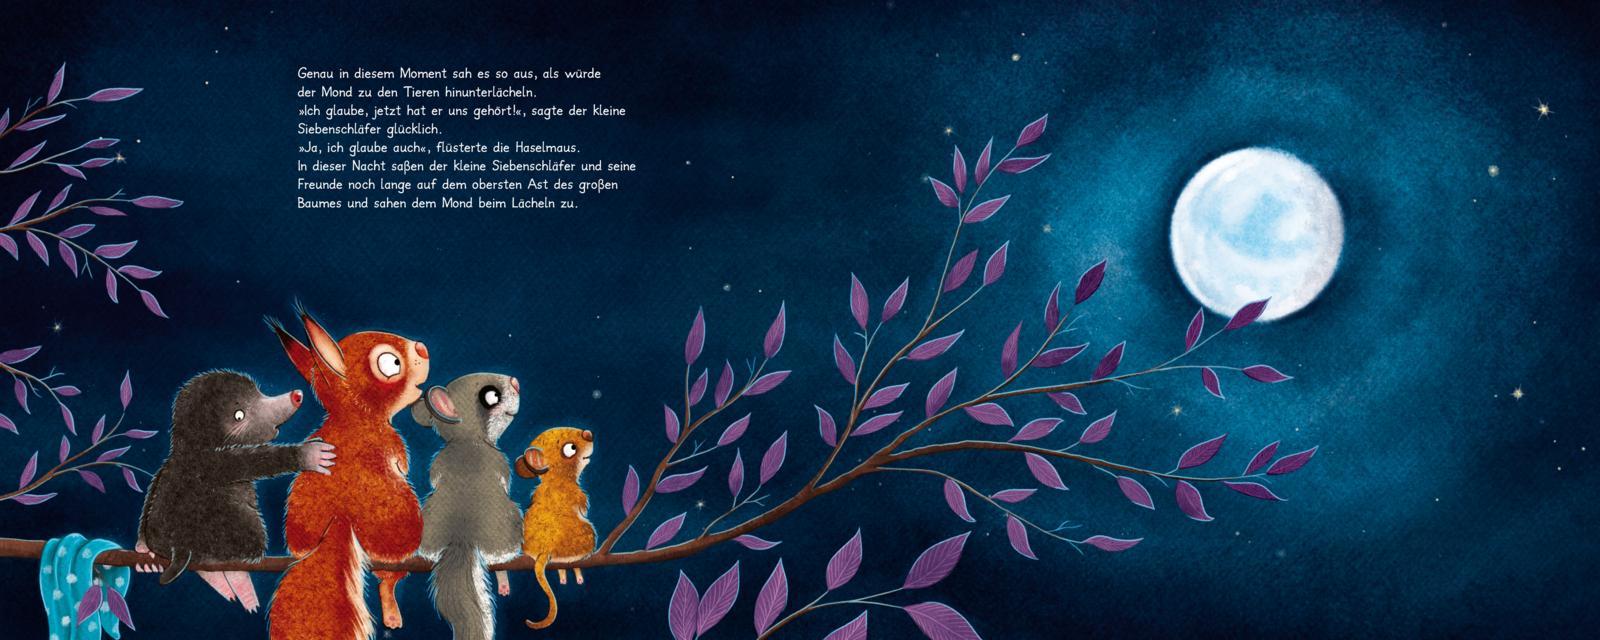 Die Geschichte vom kleinen Siebenschläfer, der dem Mond Gute Nacht sagen wollte Astaussicht